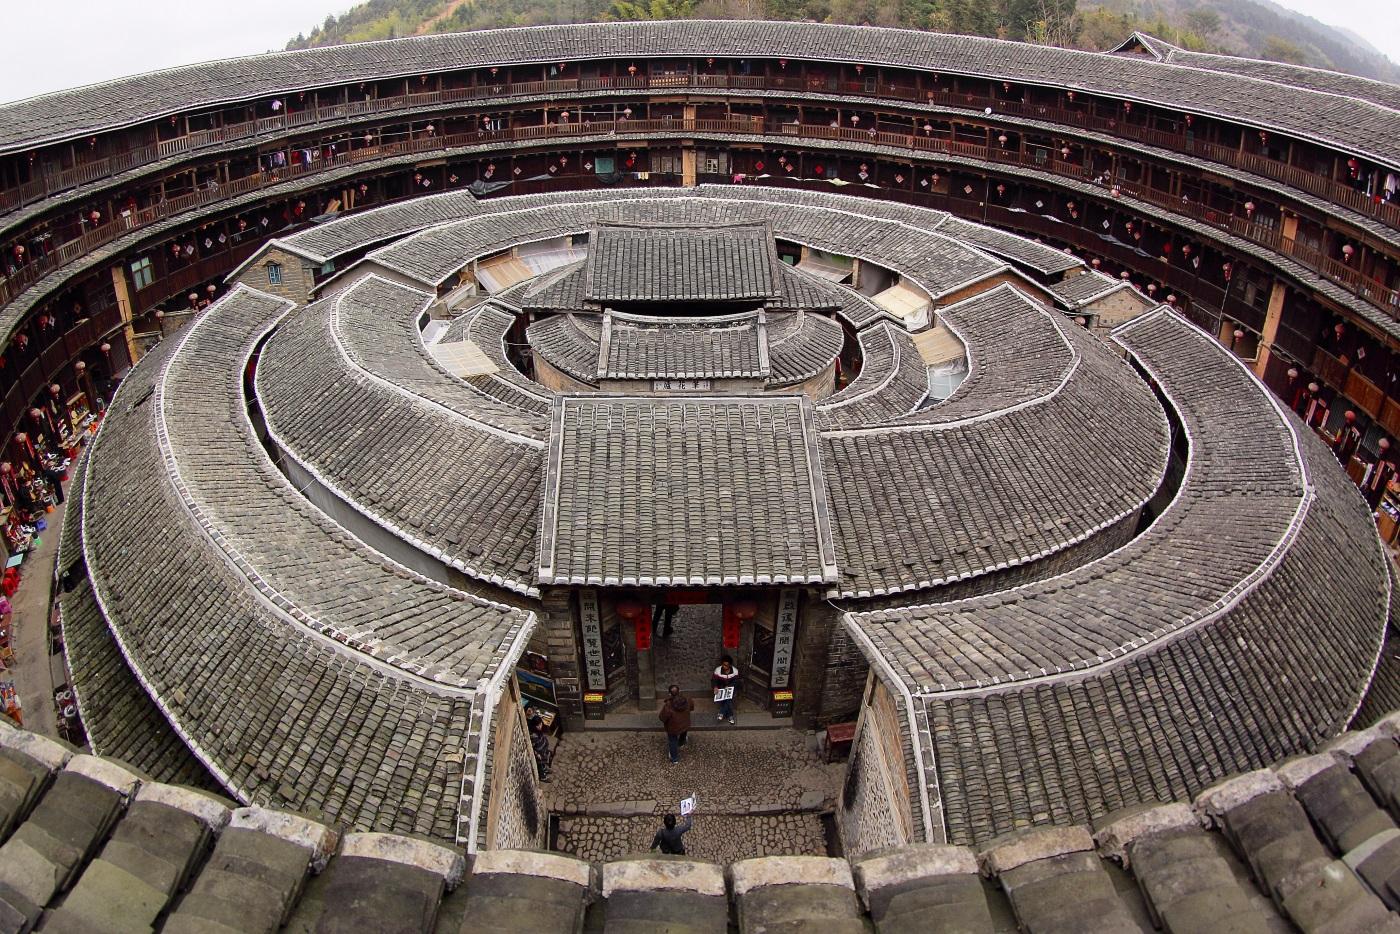 Къщите Фиджян Тулоу – в югоизточната част на Китай се намират повече от 40 къщи Тулоу, които представляват кръгли жилищни комплекси, разположени сред оризови, чаени и тютюневи полета.